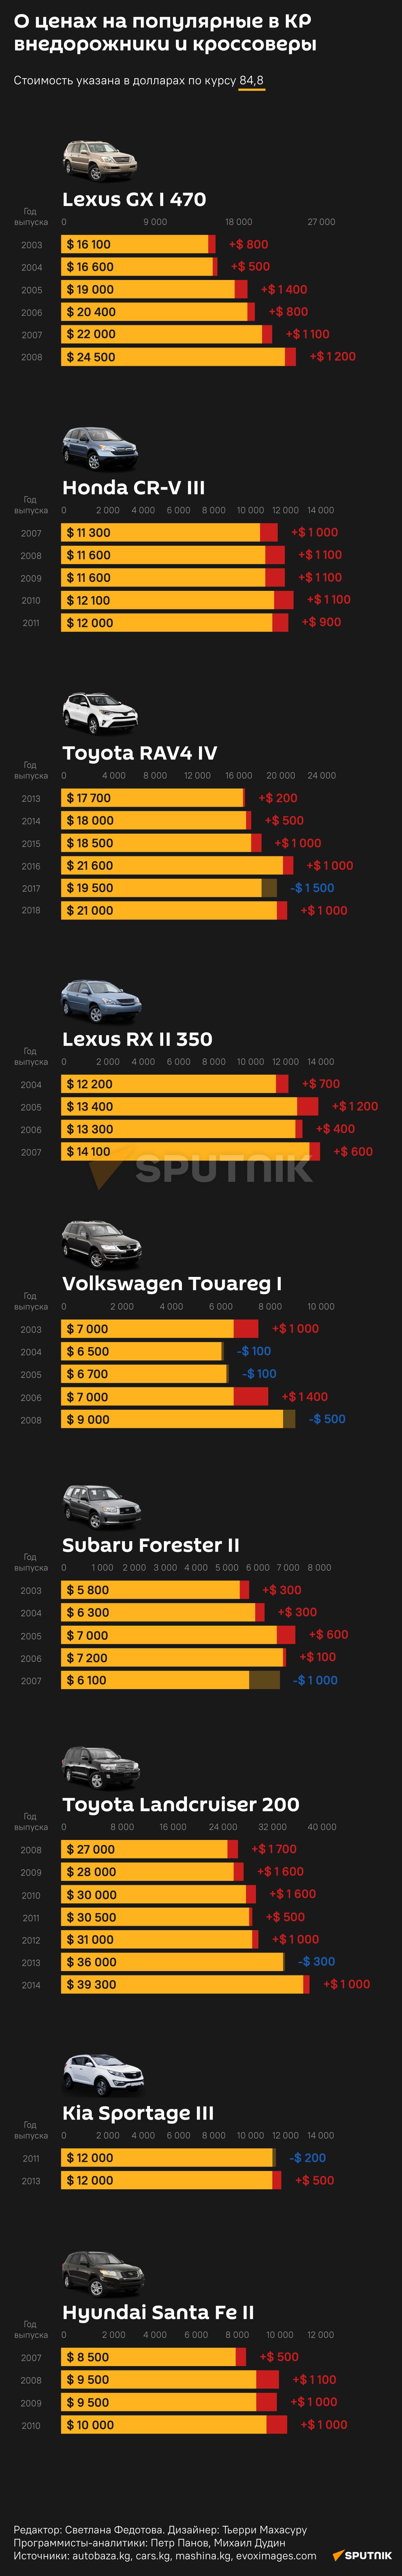 О ценах на популярные в КР  внедорожники и кроссоверы 17.09.2021